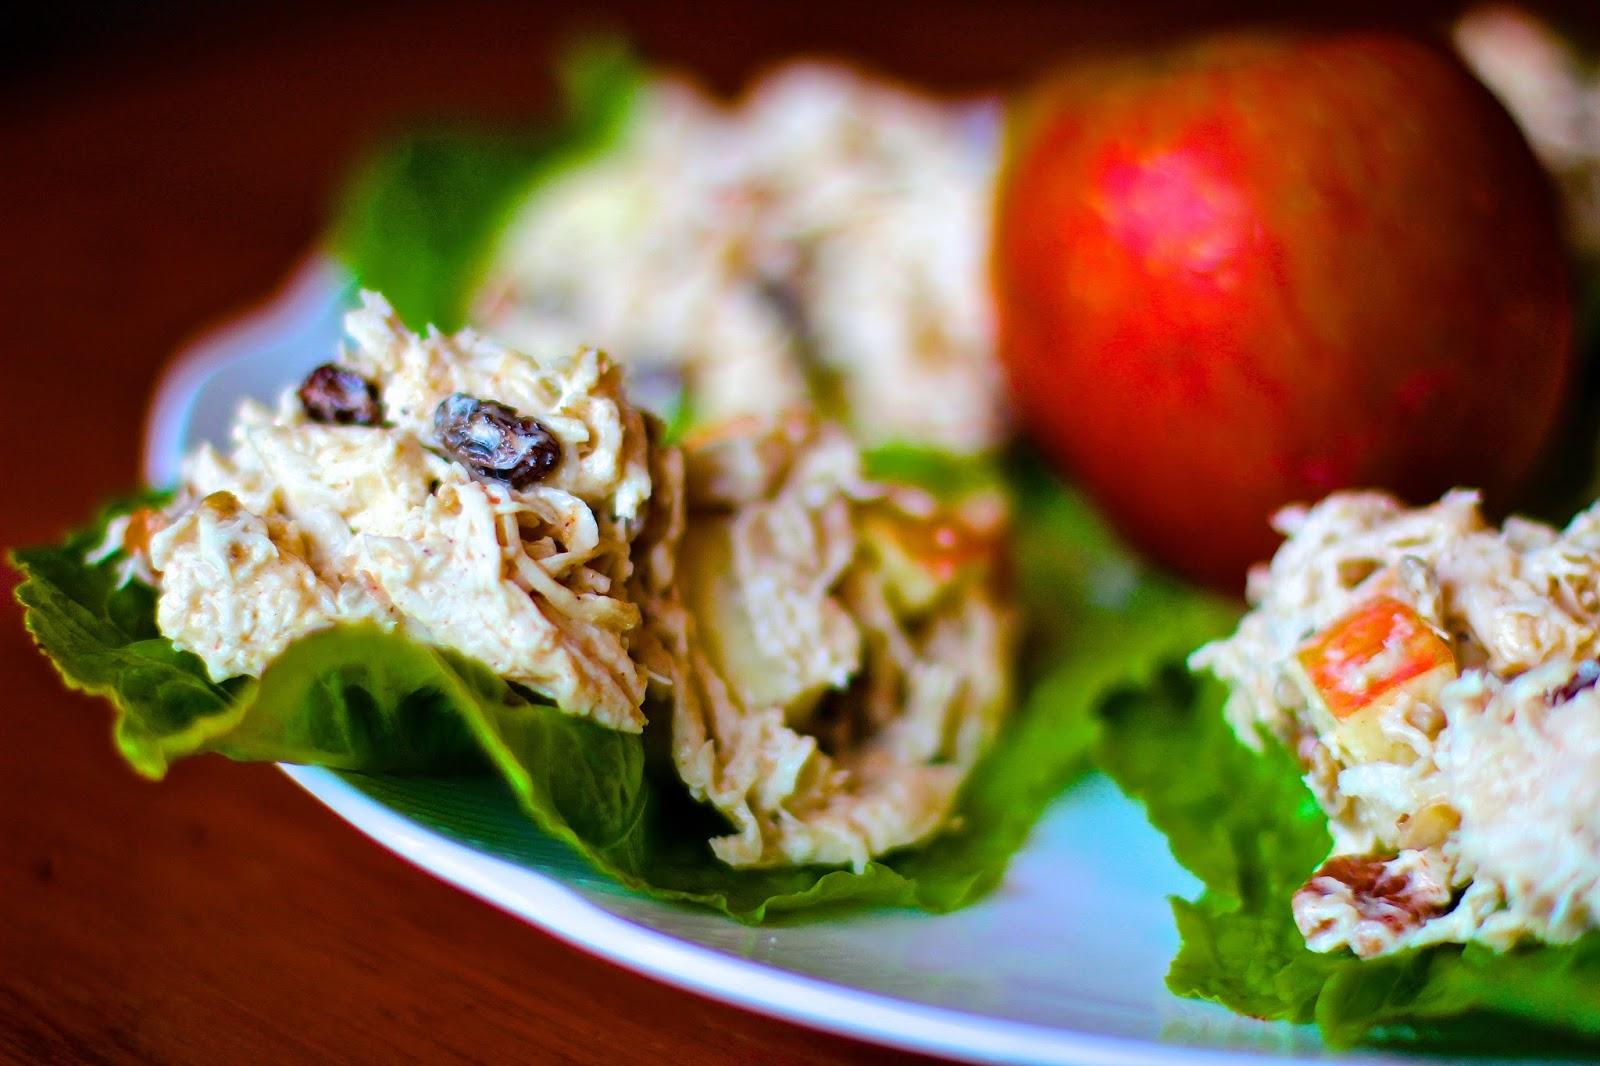 Salade de Poulet Coco Riche en Nutriments